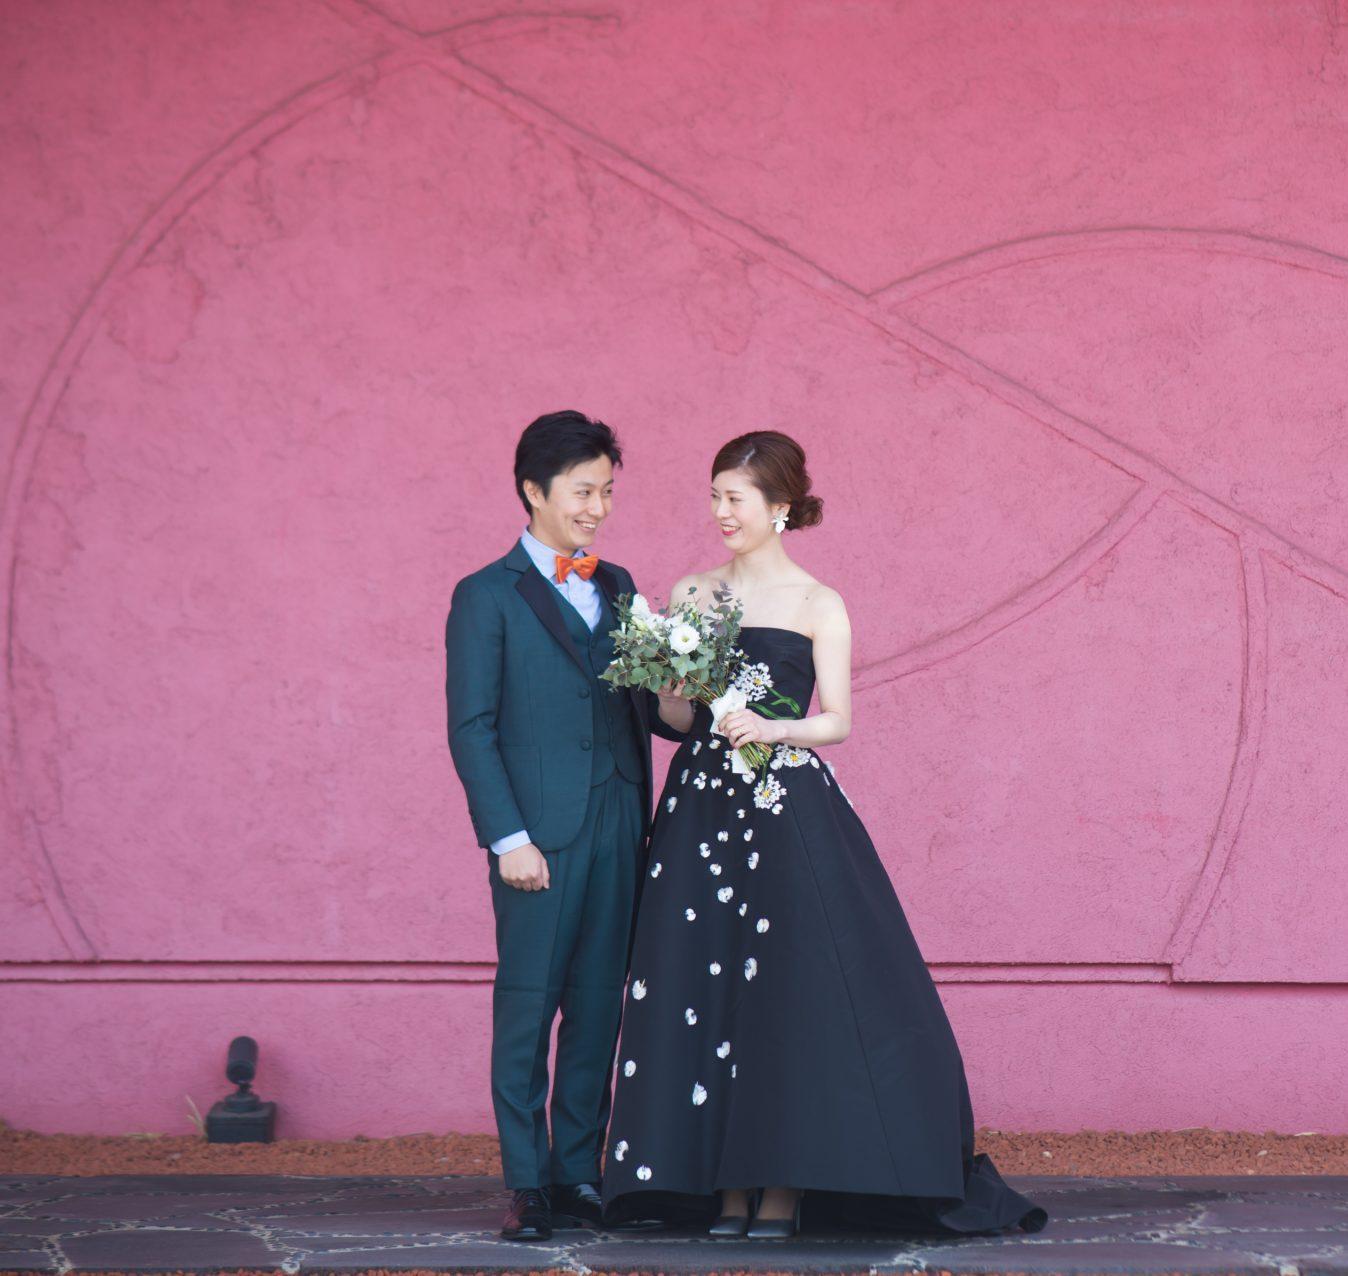 ザ・ルイガンズの赤い壁の前でおしゃれな前撮りが叶う、ザ・トリート・ドレッシングのカラードレス